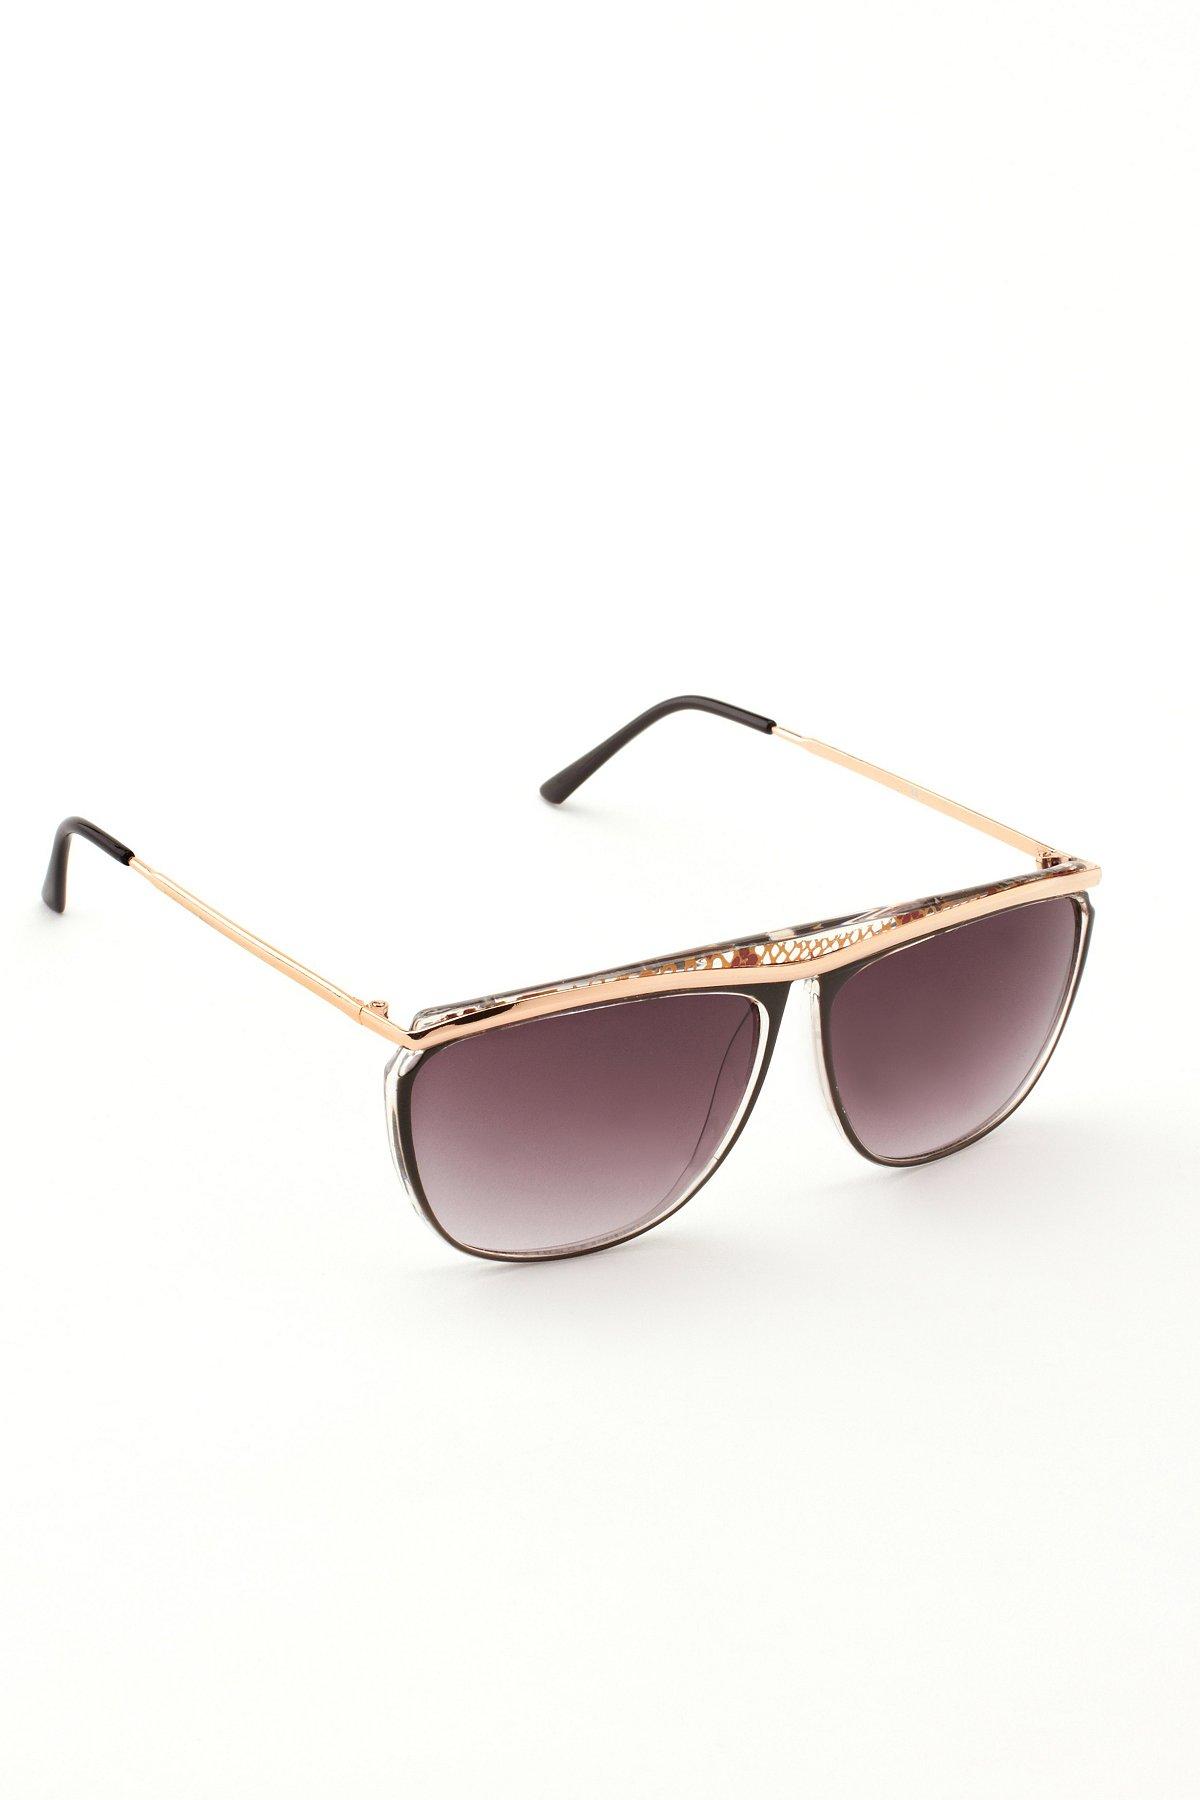 Boa Sunglasses